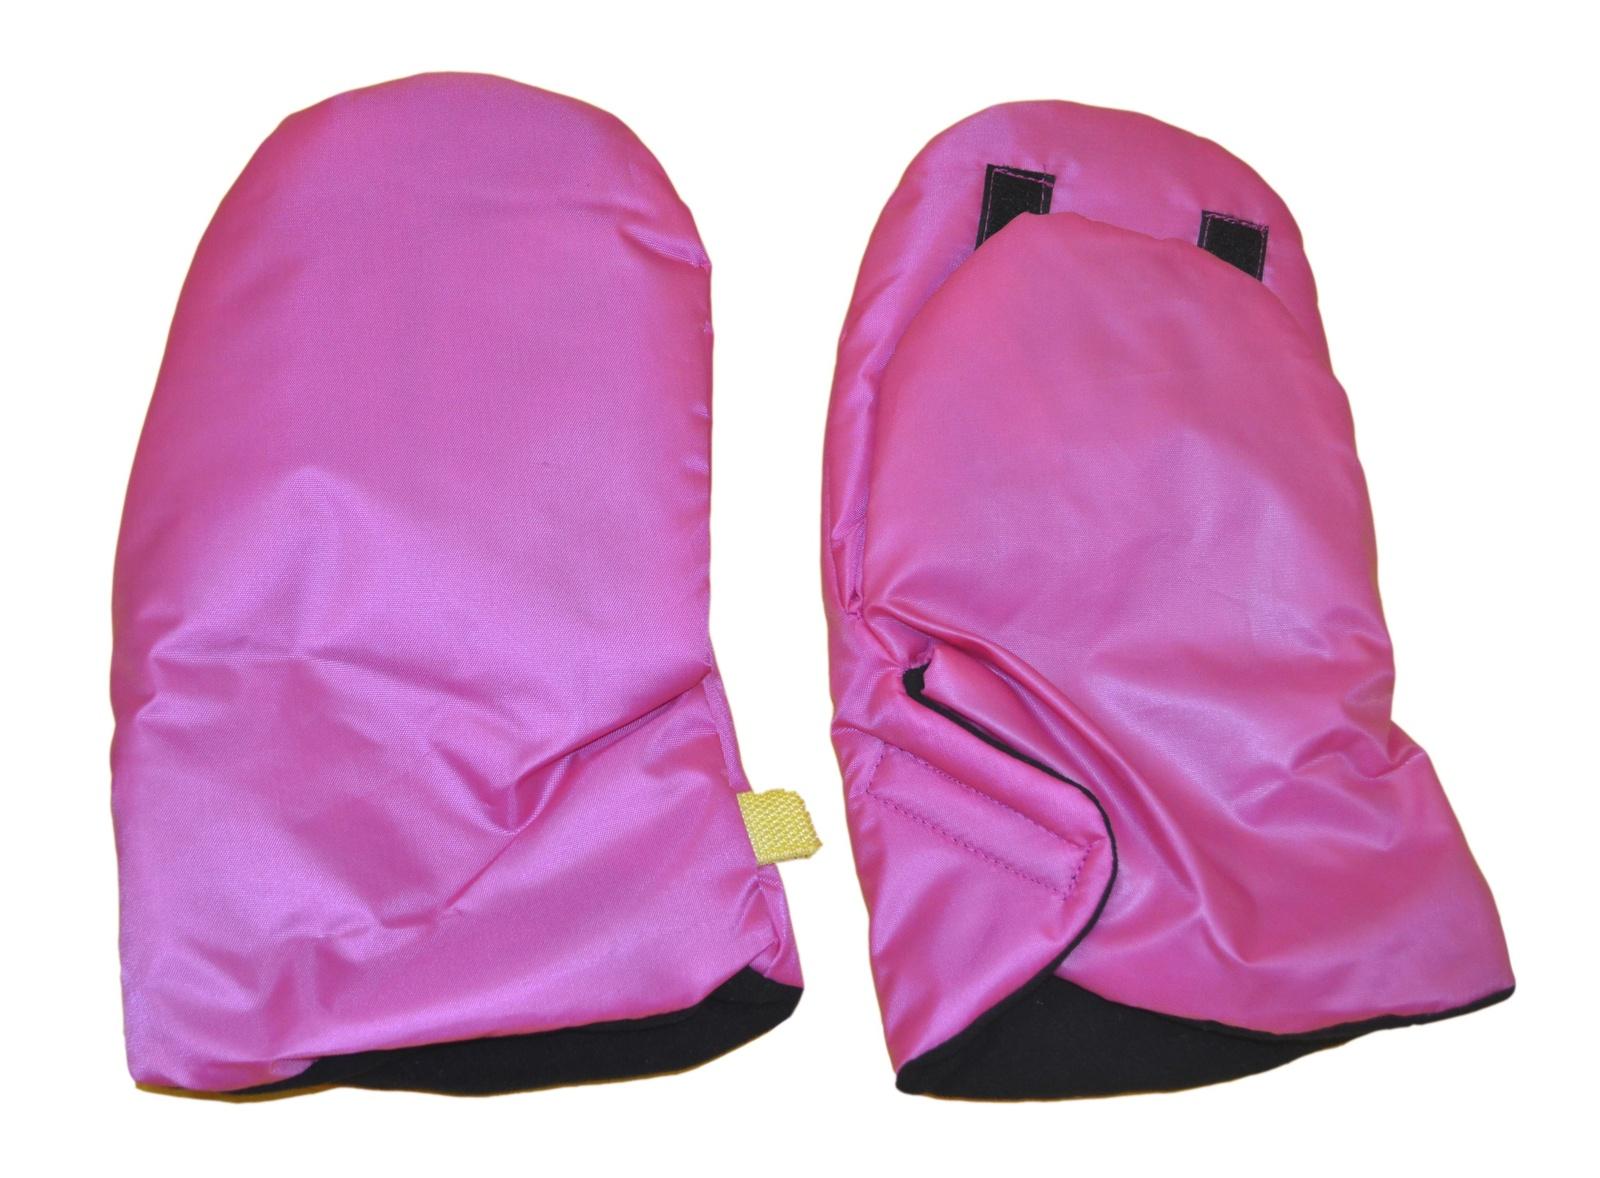 Варежки для коляски Мирти Зимушка, 2000064720010, розовый муфта tigger warmhands на ручку коляски